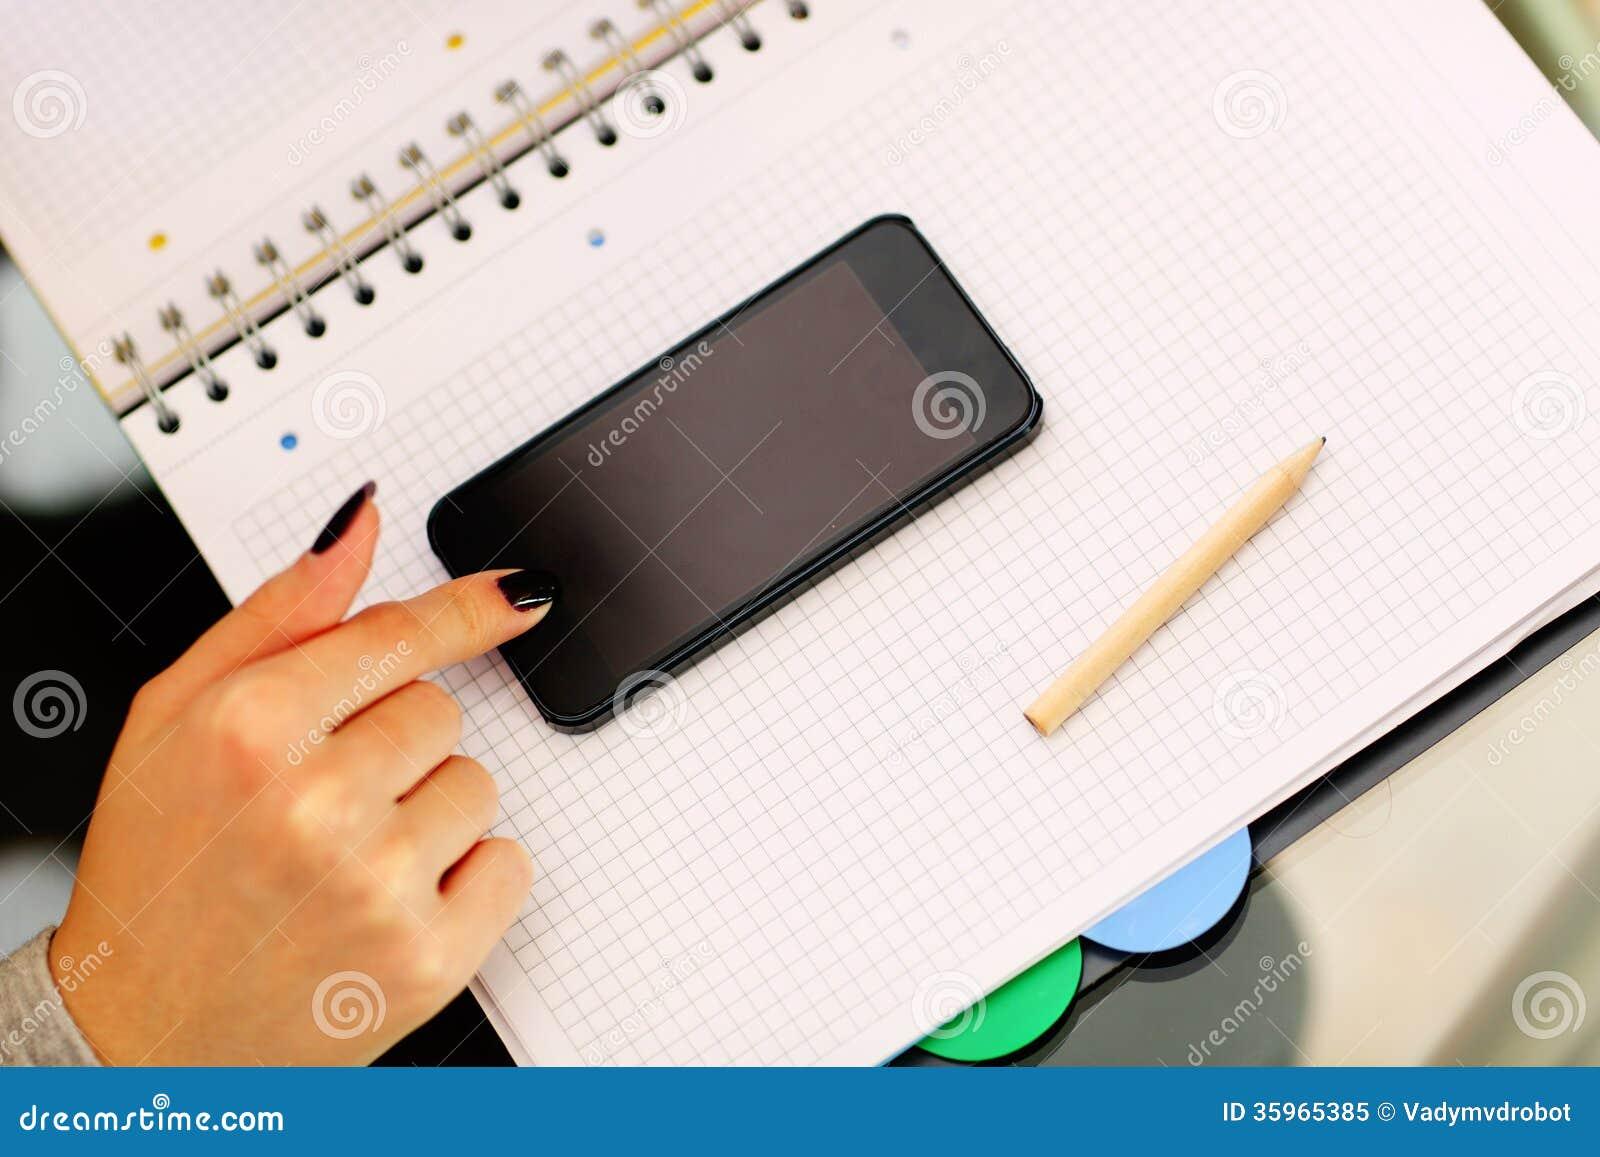 Smartphone conmovedor de la mano femenina